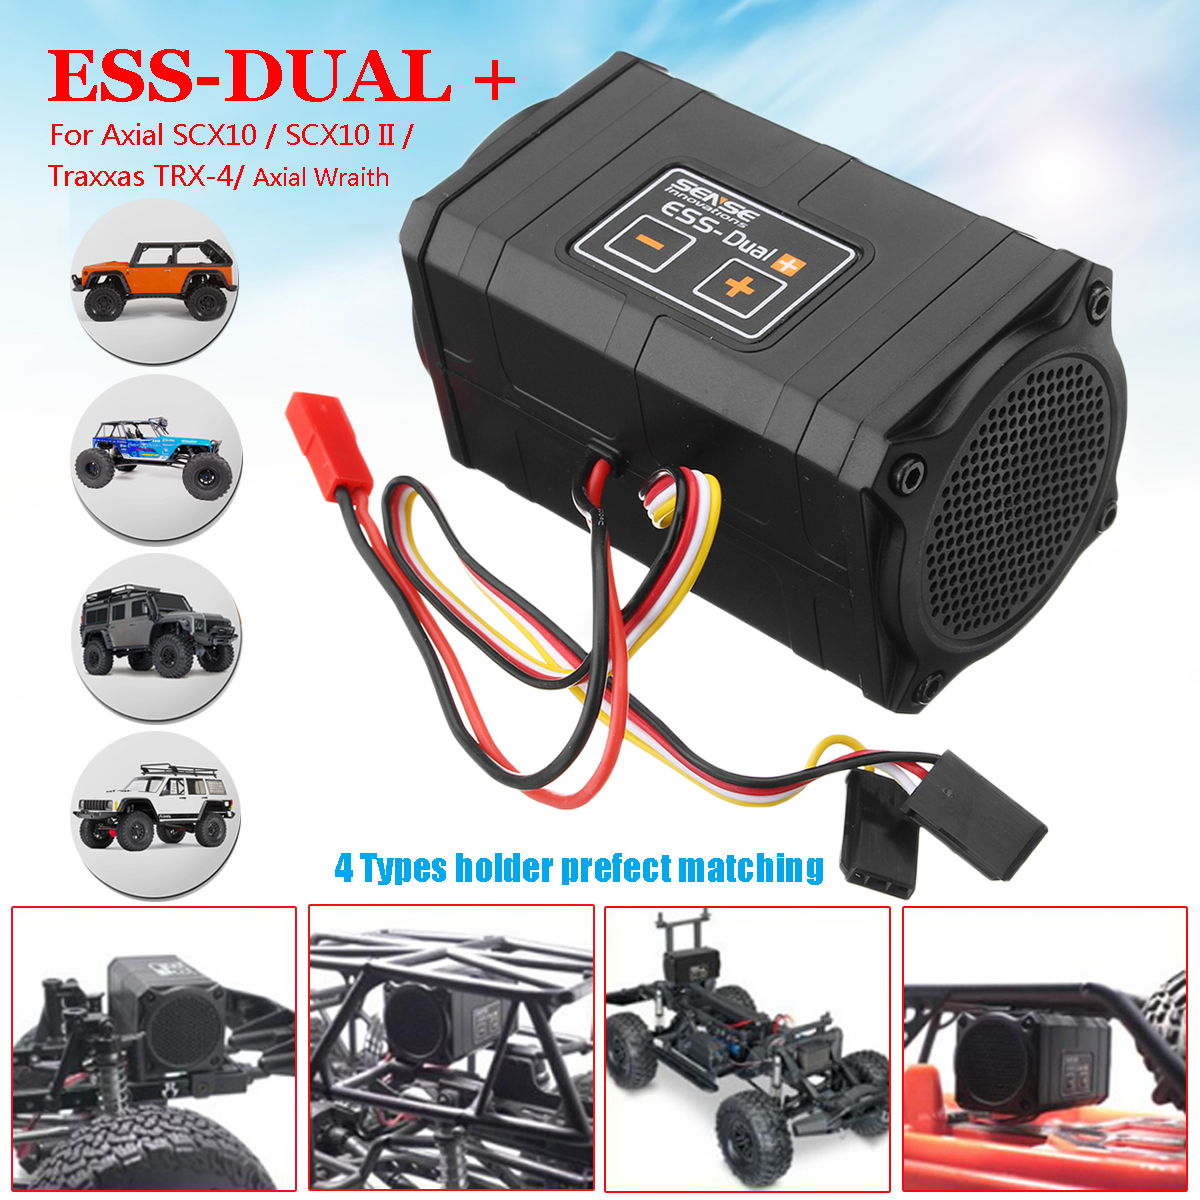 Senso Innovazioni DUAL Più Il Suono del Motore Simulatore Per Axial SCX10 II TRX-4 Parts & Acc RC/PIÙ App Firmware aggiornamento